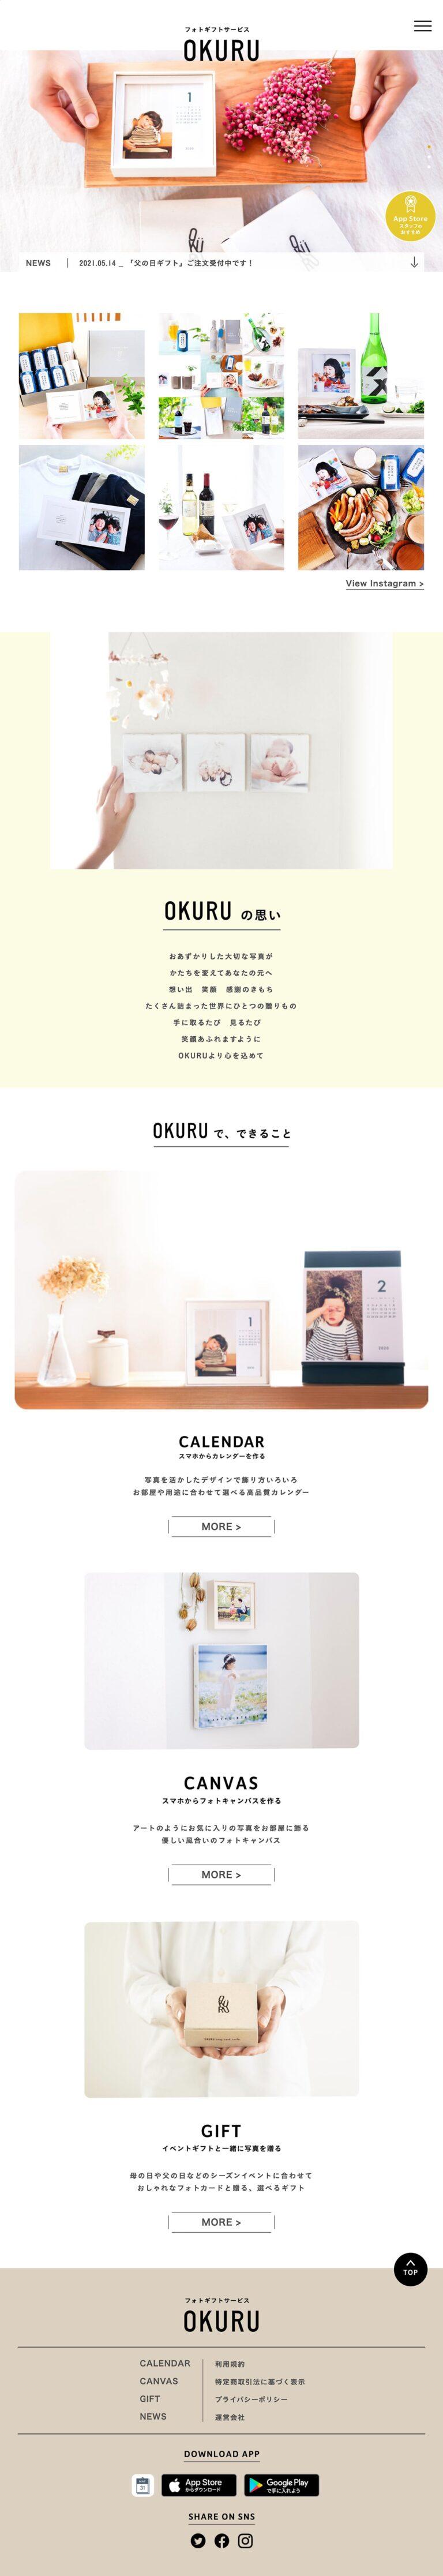 OKURU